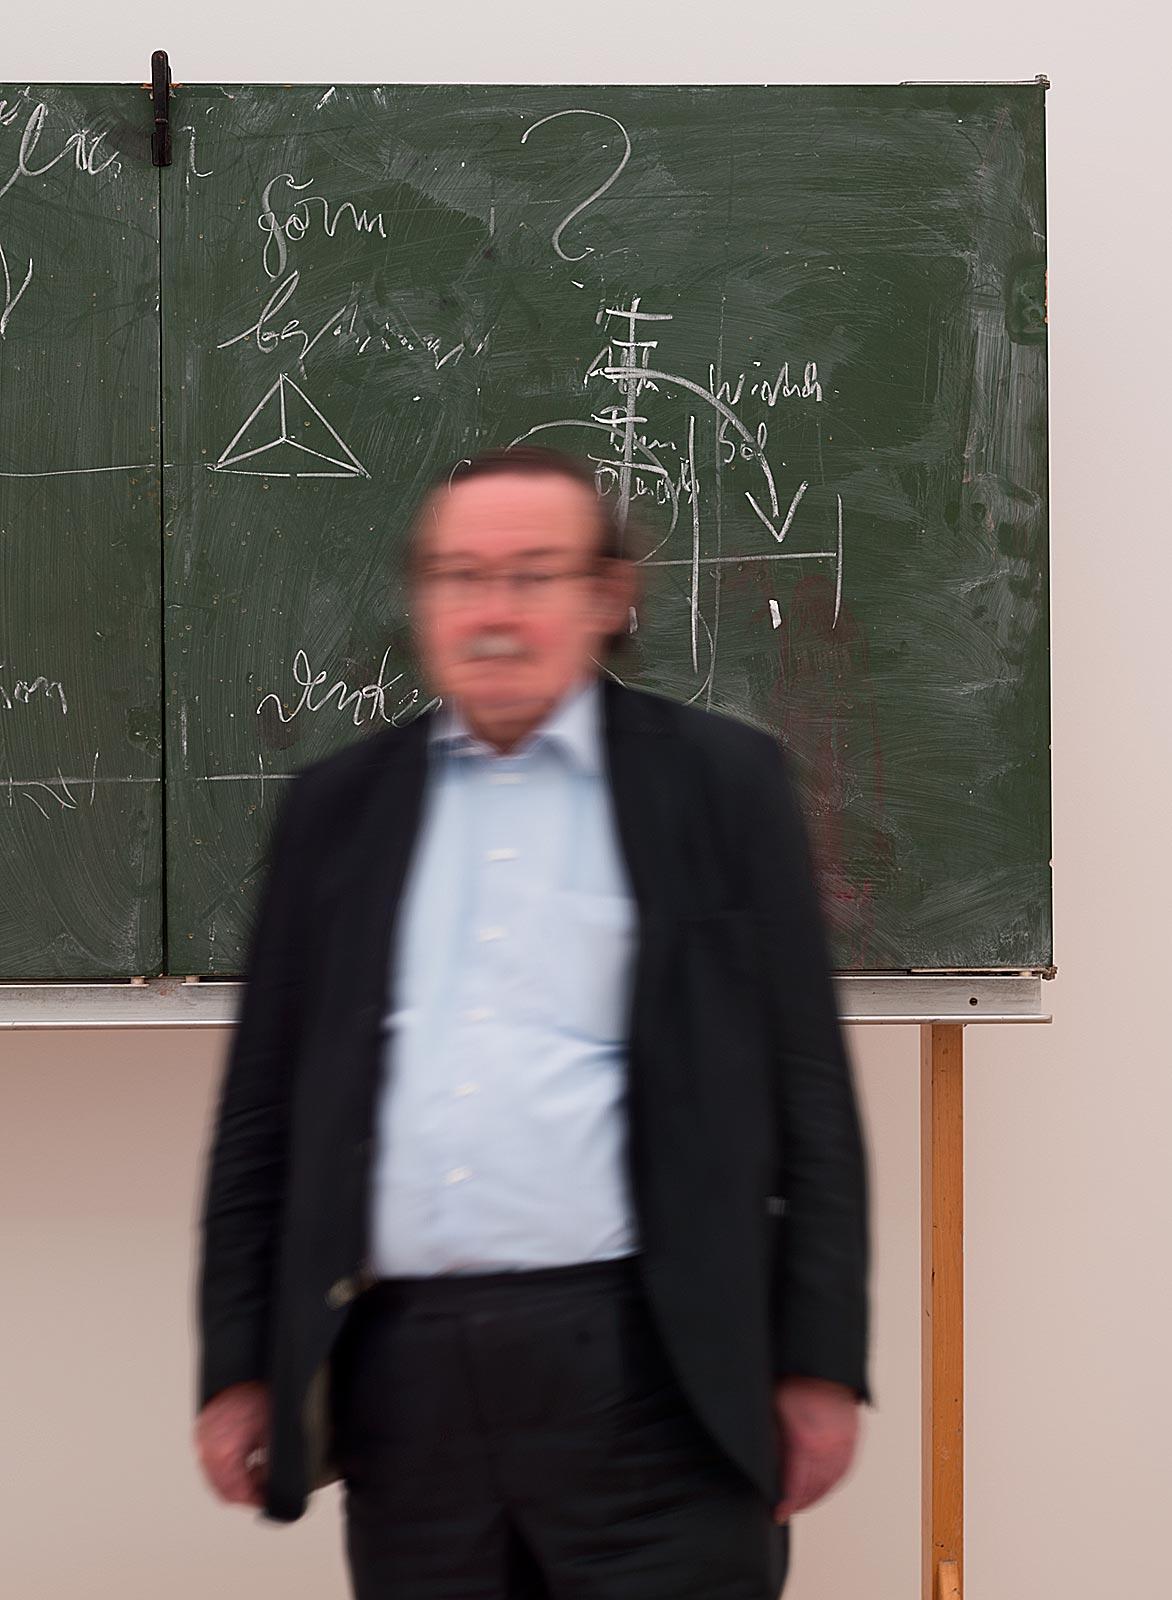 Lothar Schirmer (11.29 - 11.34 Uhr, 20.3.2013)